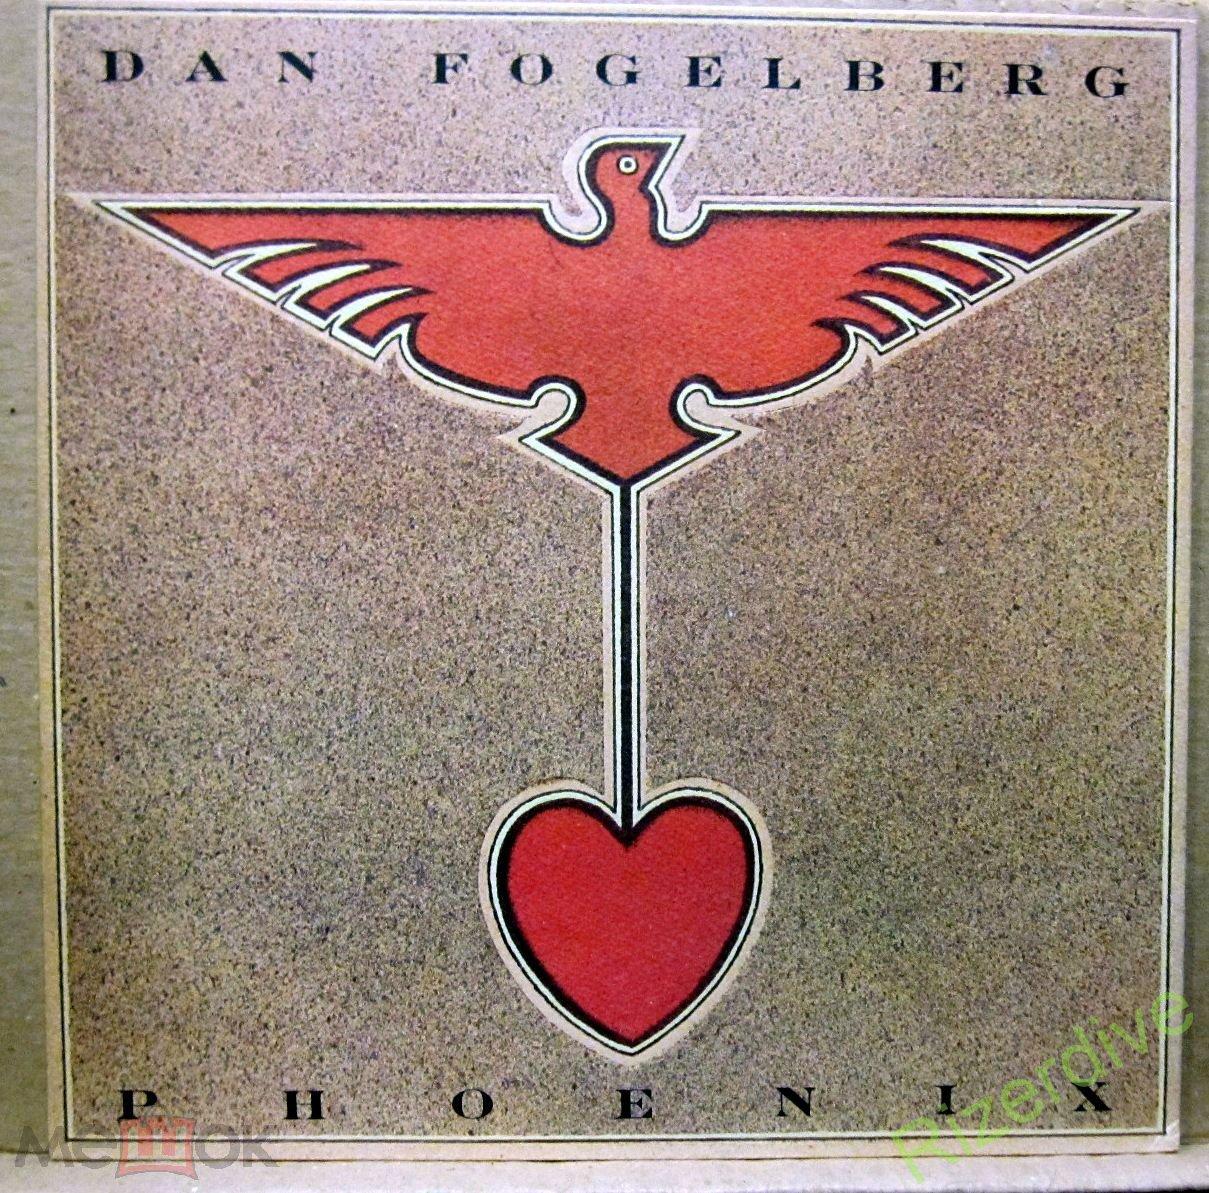 Fogelberg, Dan Phoenix 1979  Japan